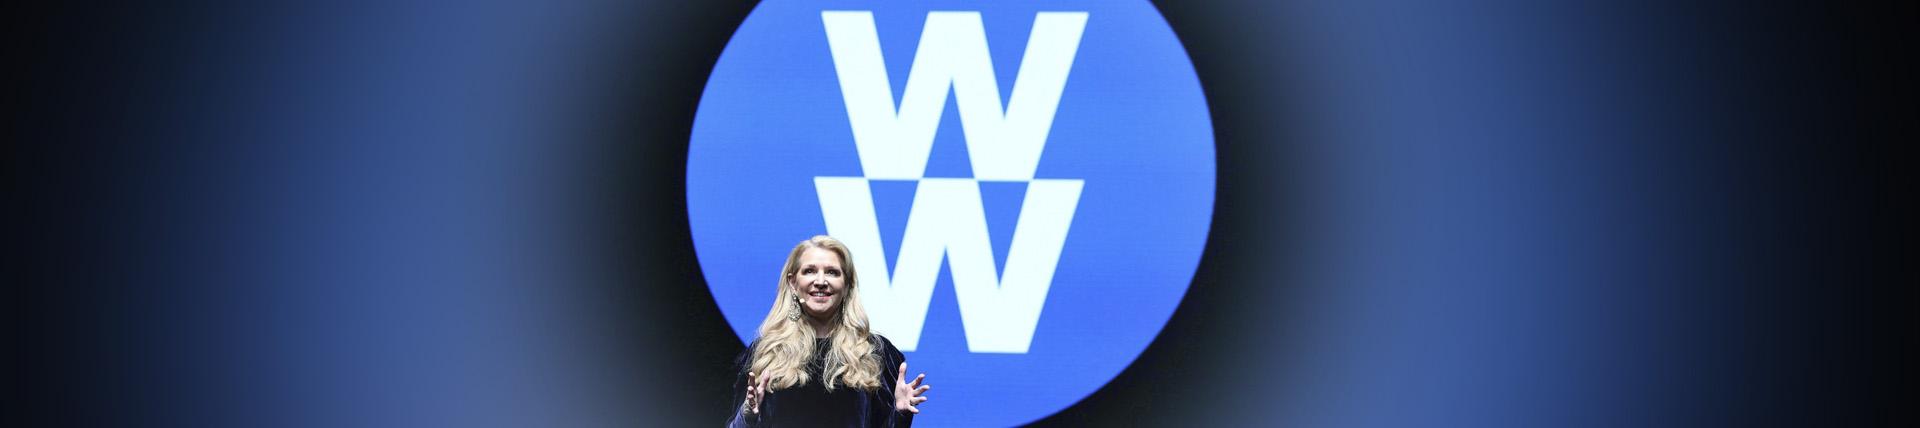 两月前重金收购WW.com,这个刚更名的终端太机智了!